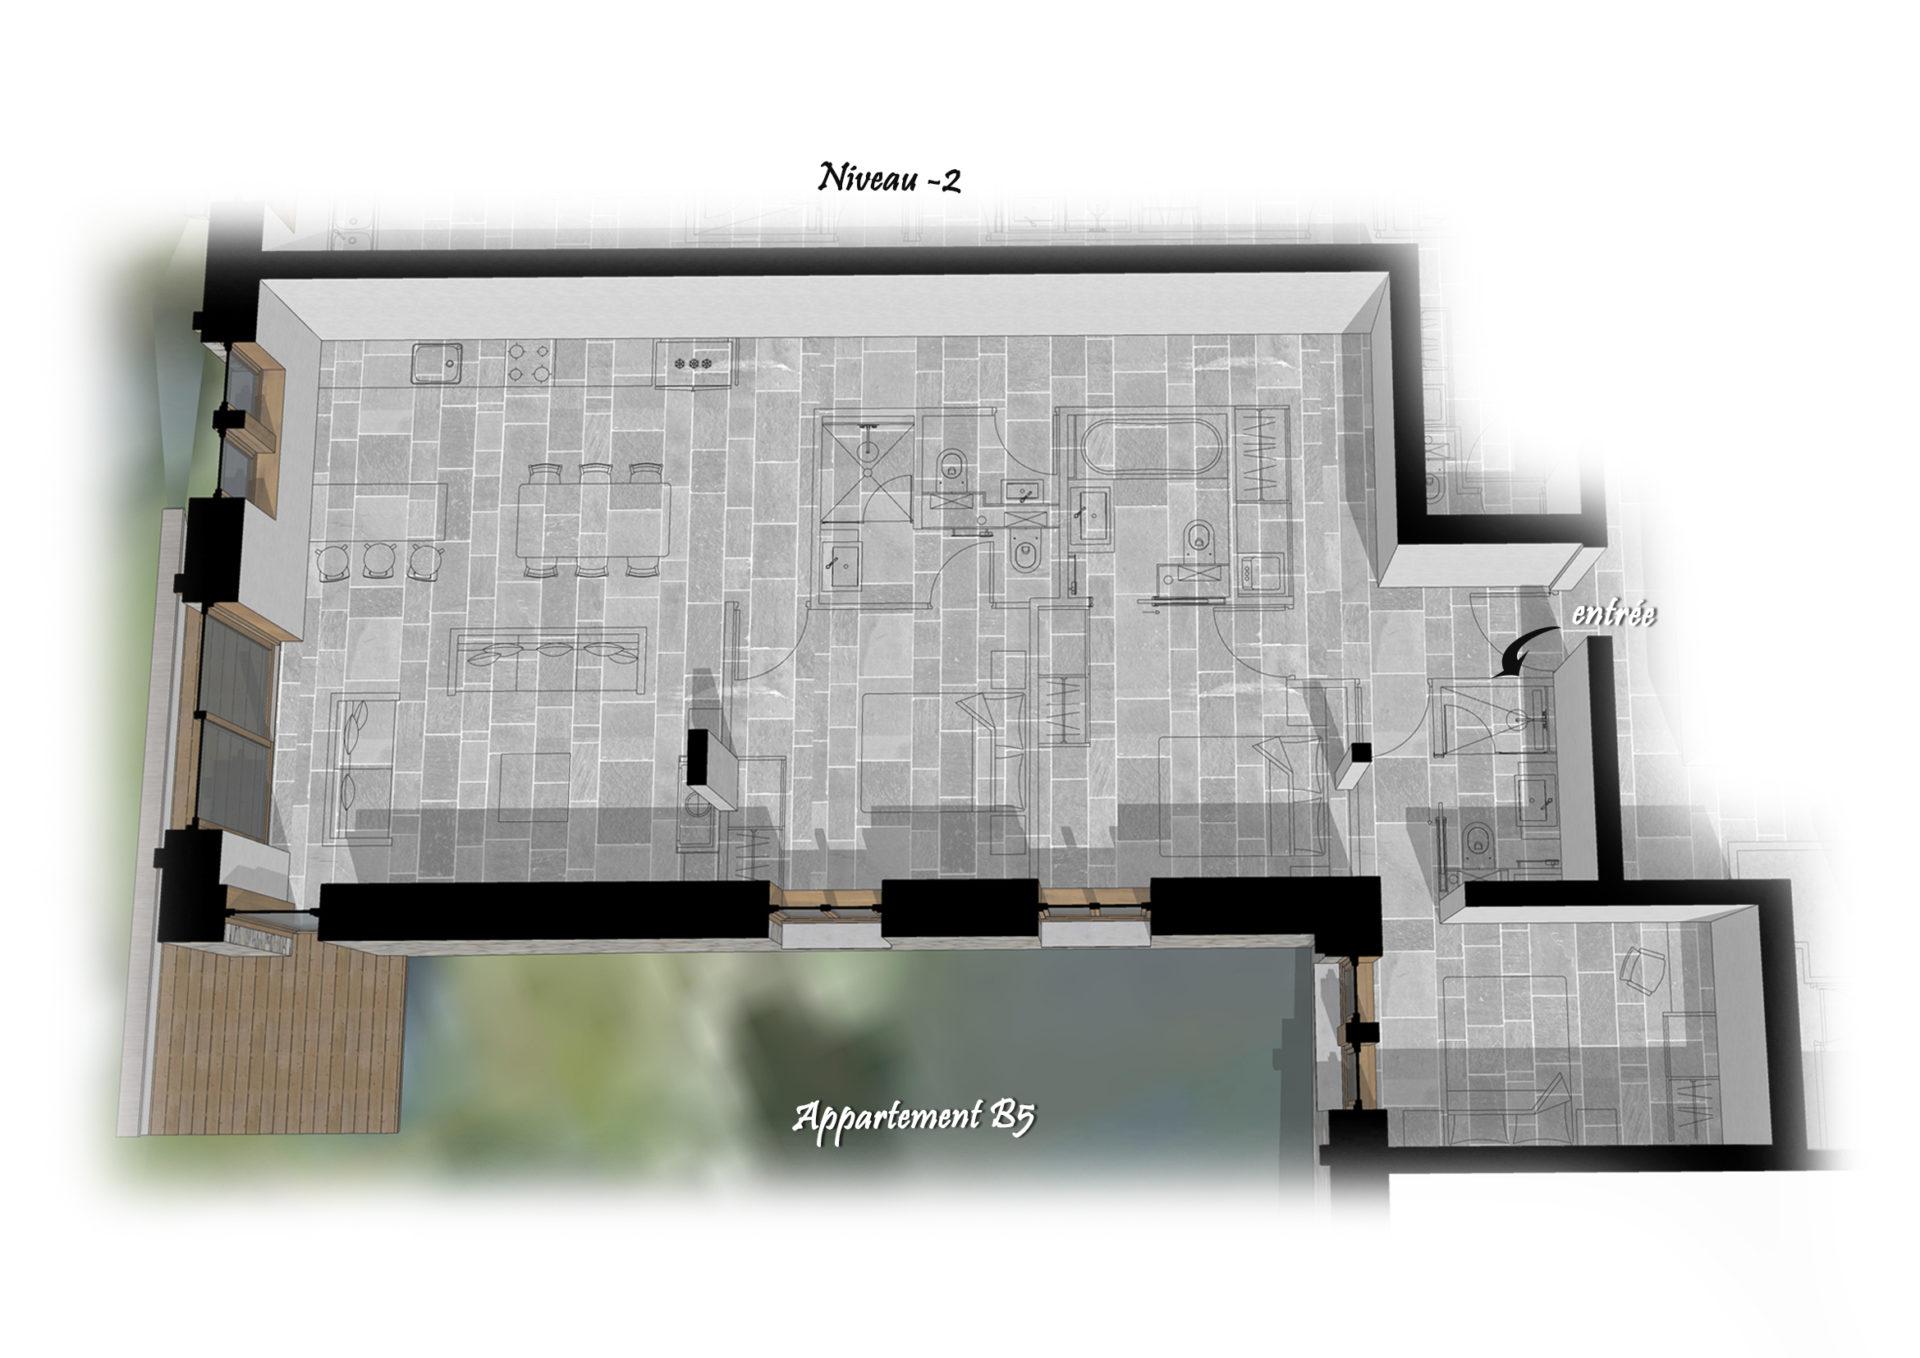 Les Chalets du Cheval Noir - Appartement B5 - Niveau -2 Saint Martin de Belleville Savoie France